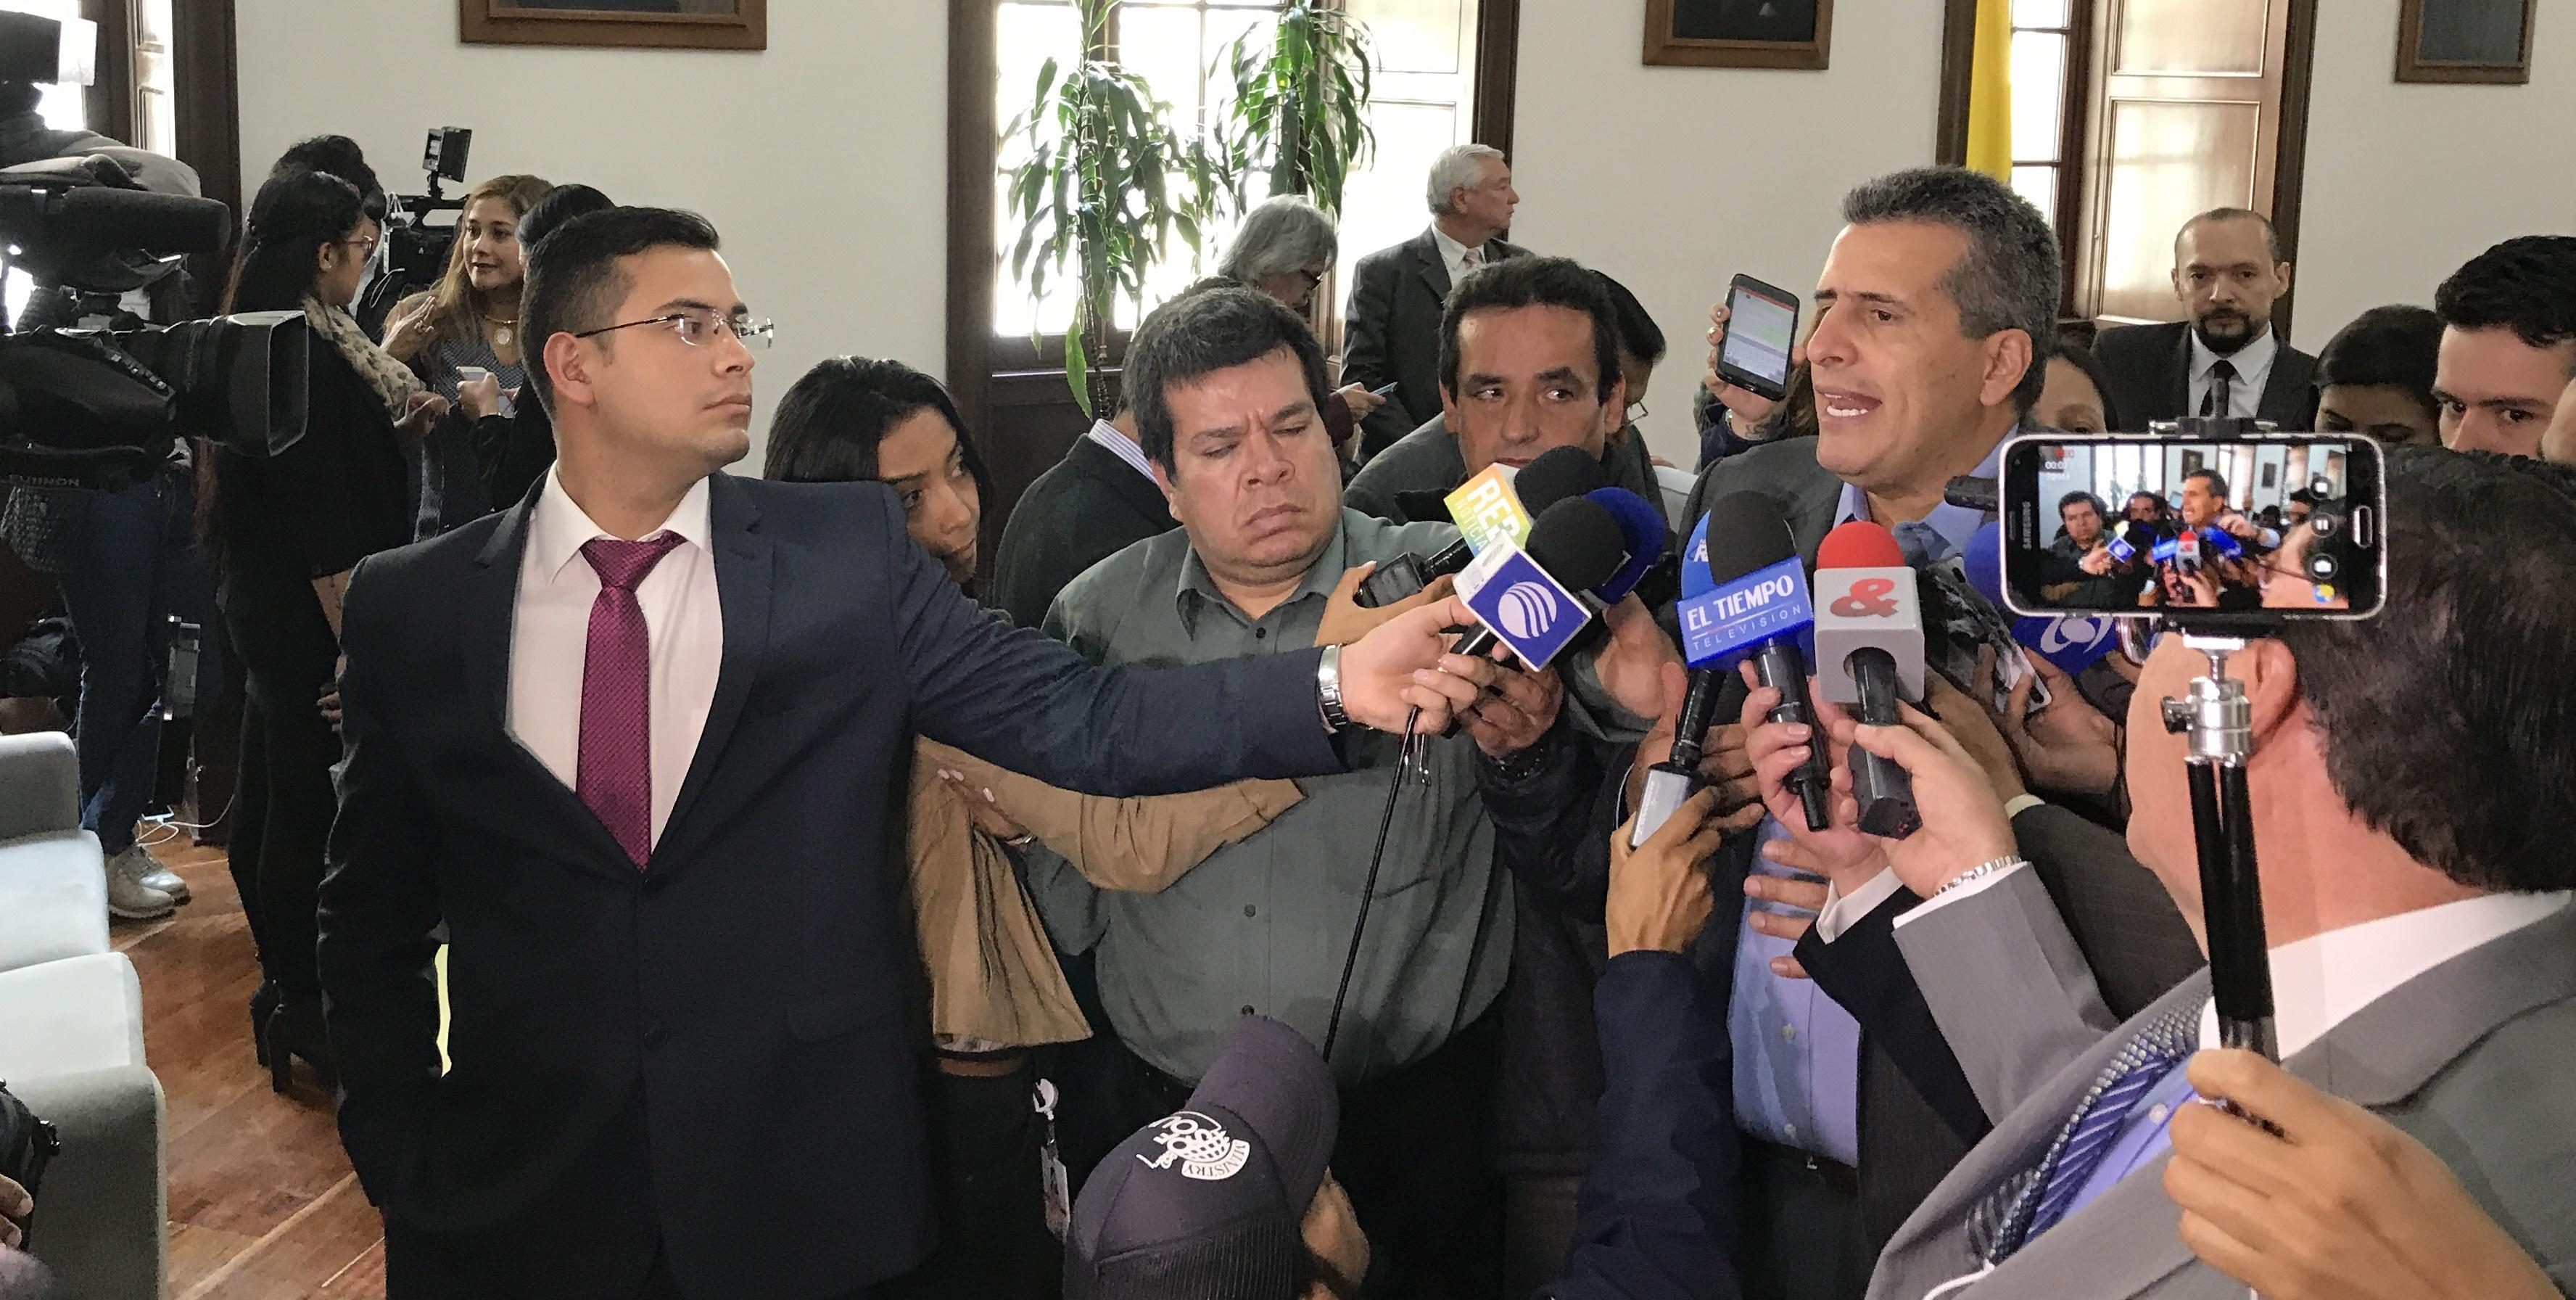 El senador Luis Fernando Velasco, en declaraciones a los medios, luego de la aprobación en último debate de la modificación del servicio militar obligatorio.